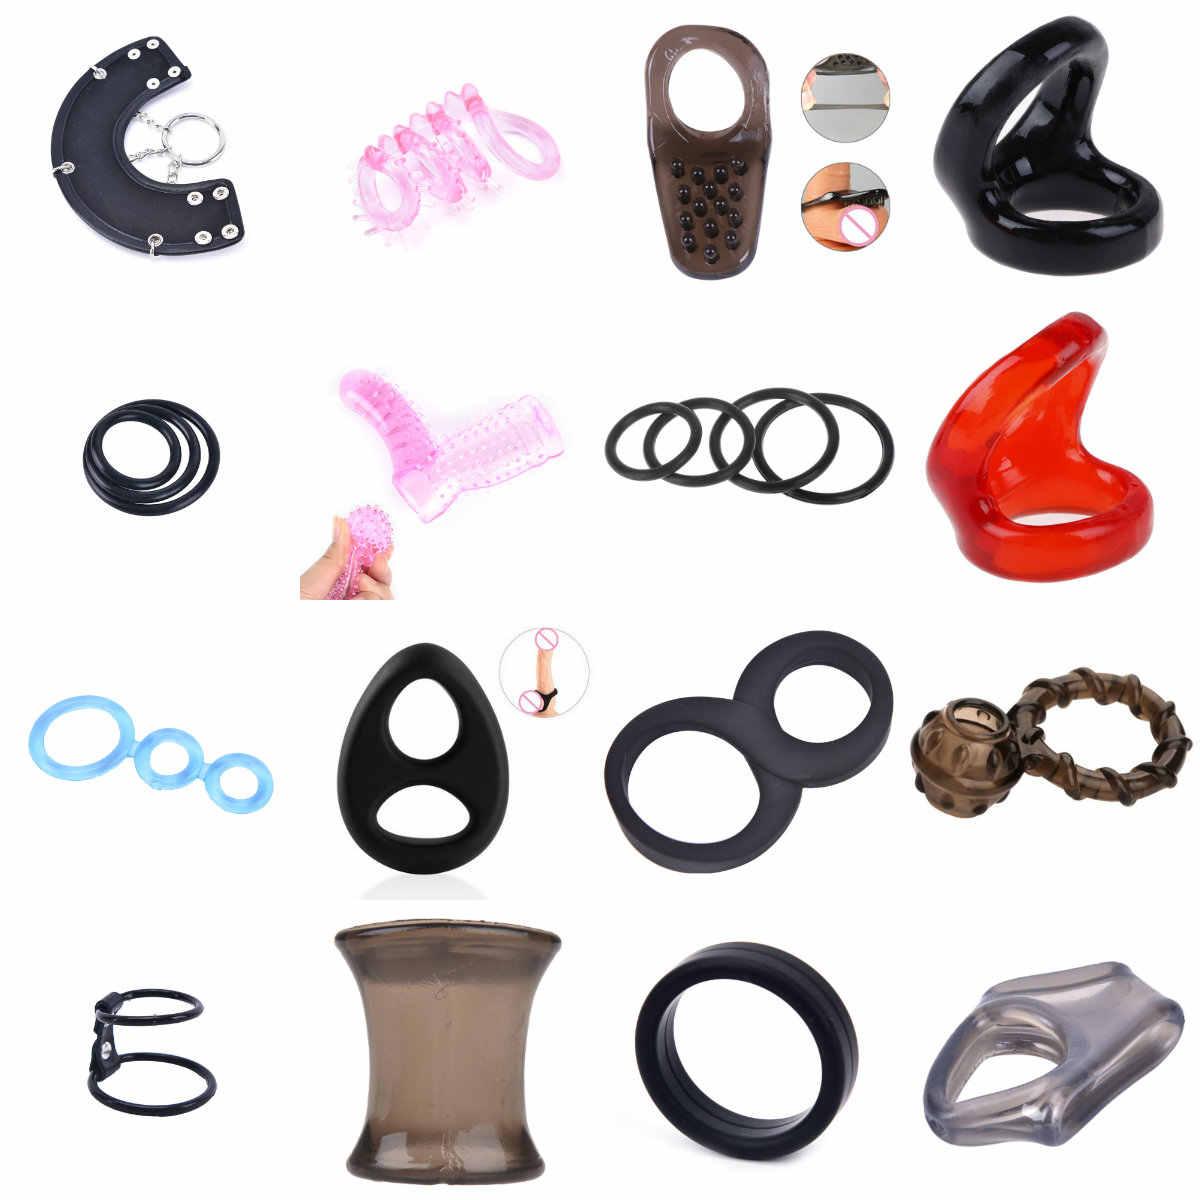 성인 섹스 제품 남성 순결 장치 페니스 링 지연 사정 수탉 반지 성인 게임 섹스 토이 남성 에로틱